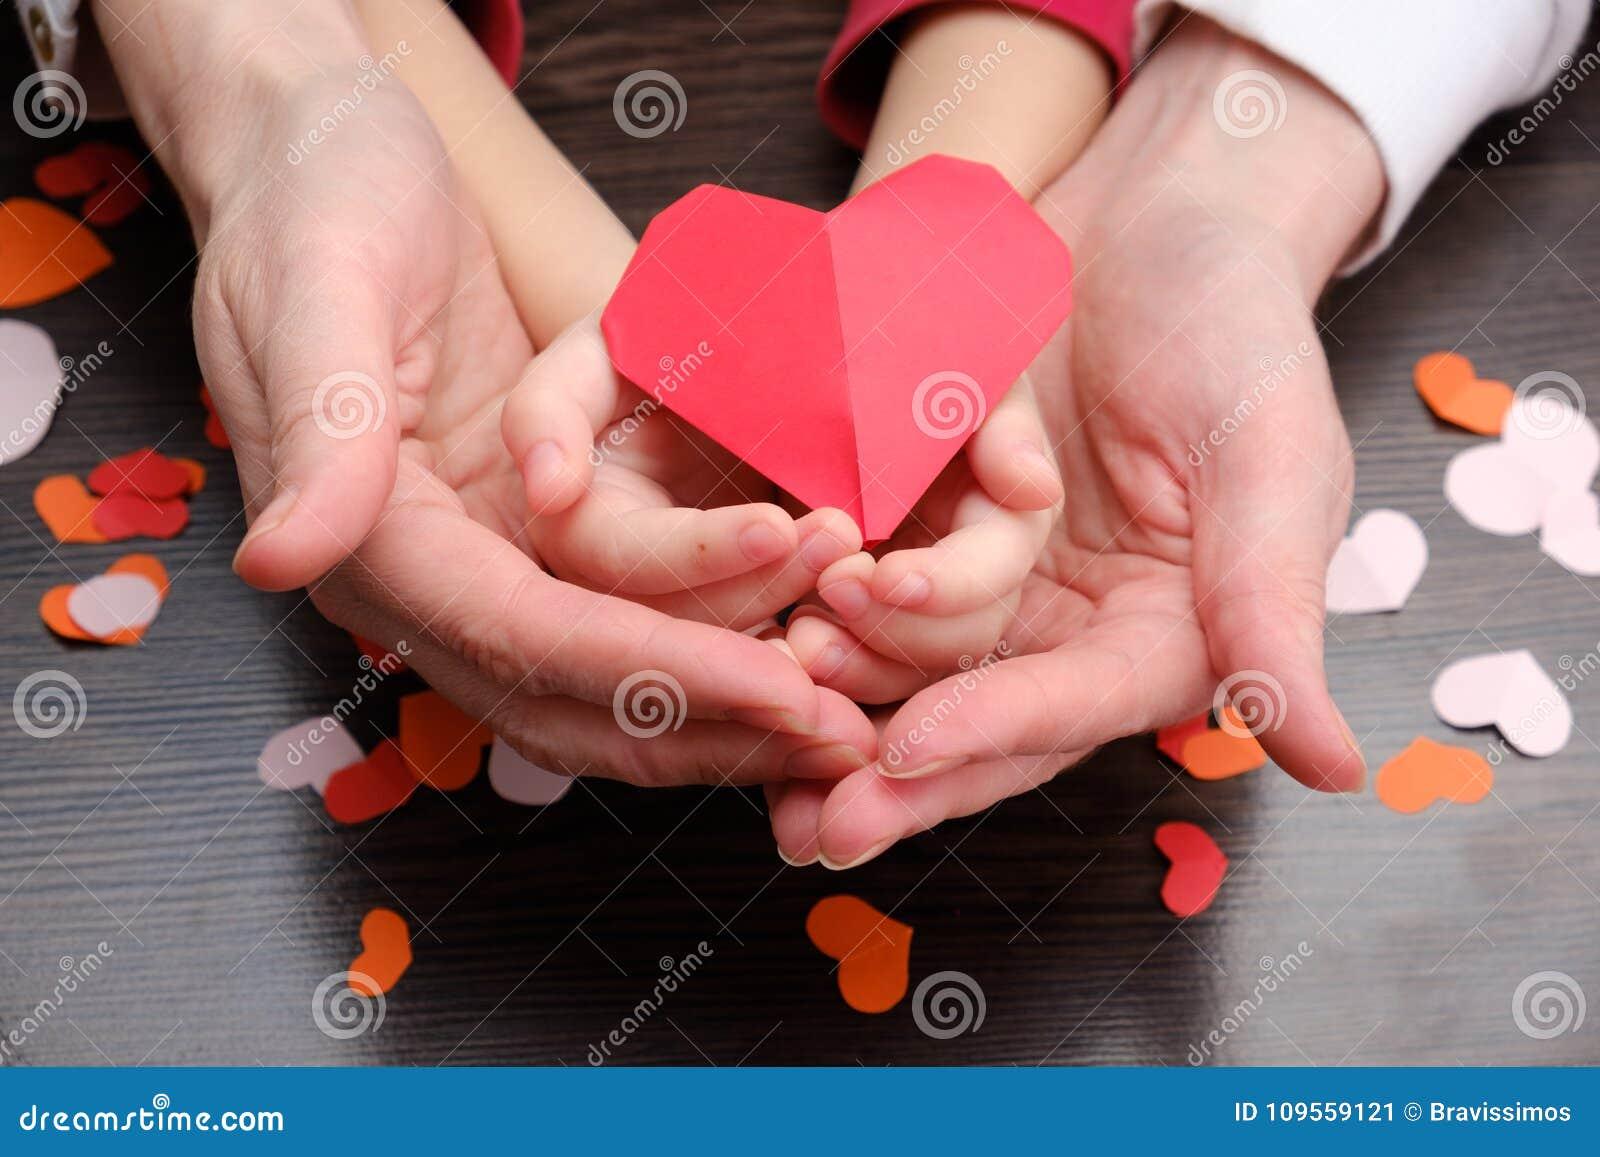 Le mani del bambino e dell adulto che tengono il cuore modellano, sanità, concetto di assicurazione della famiglia e donano